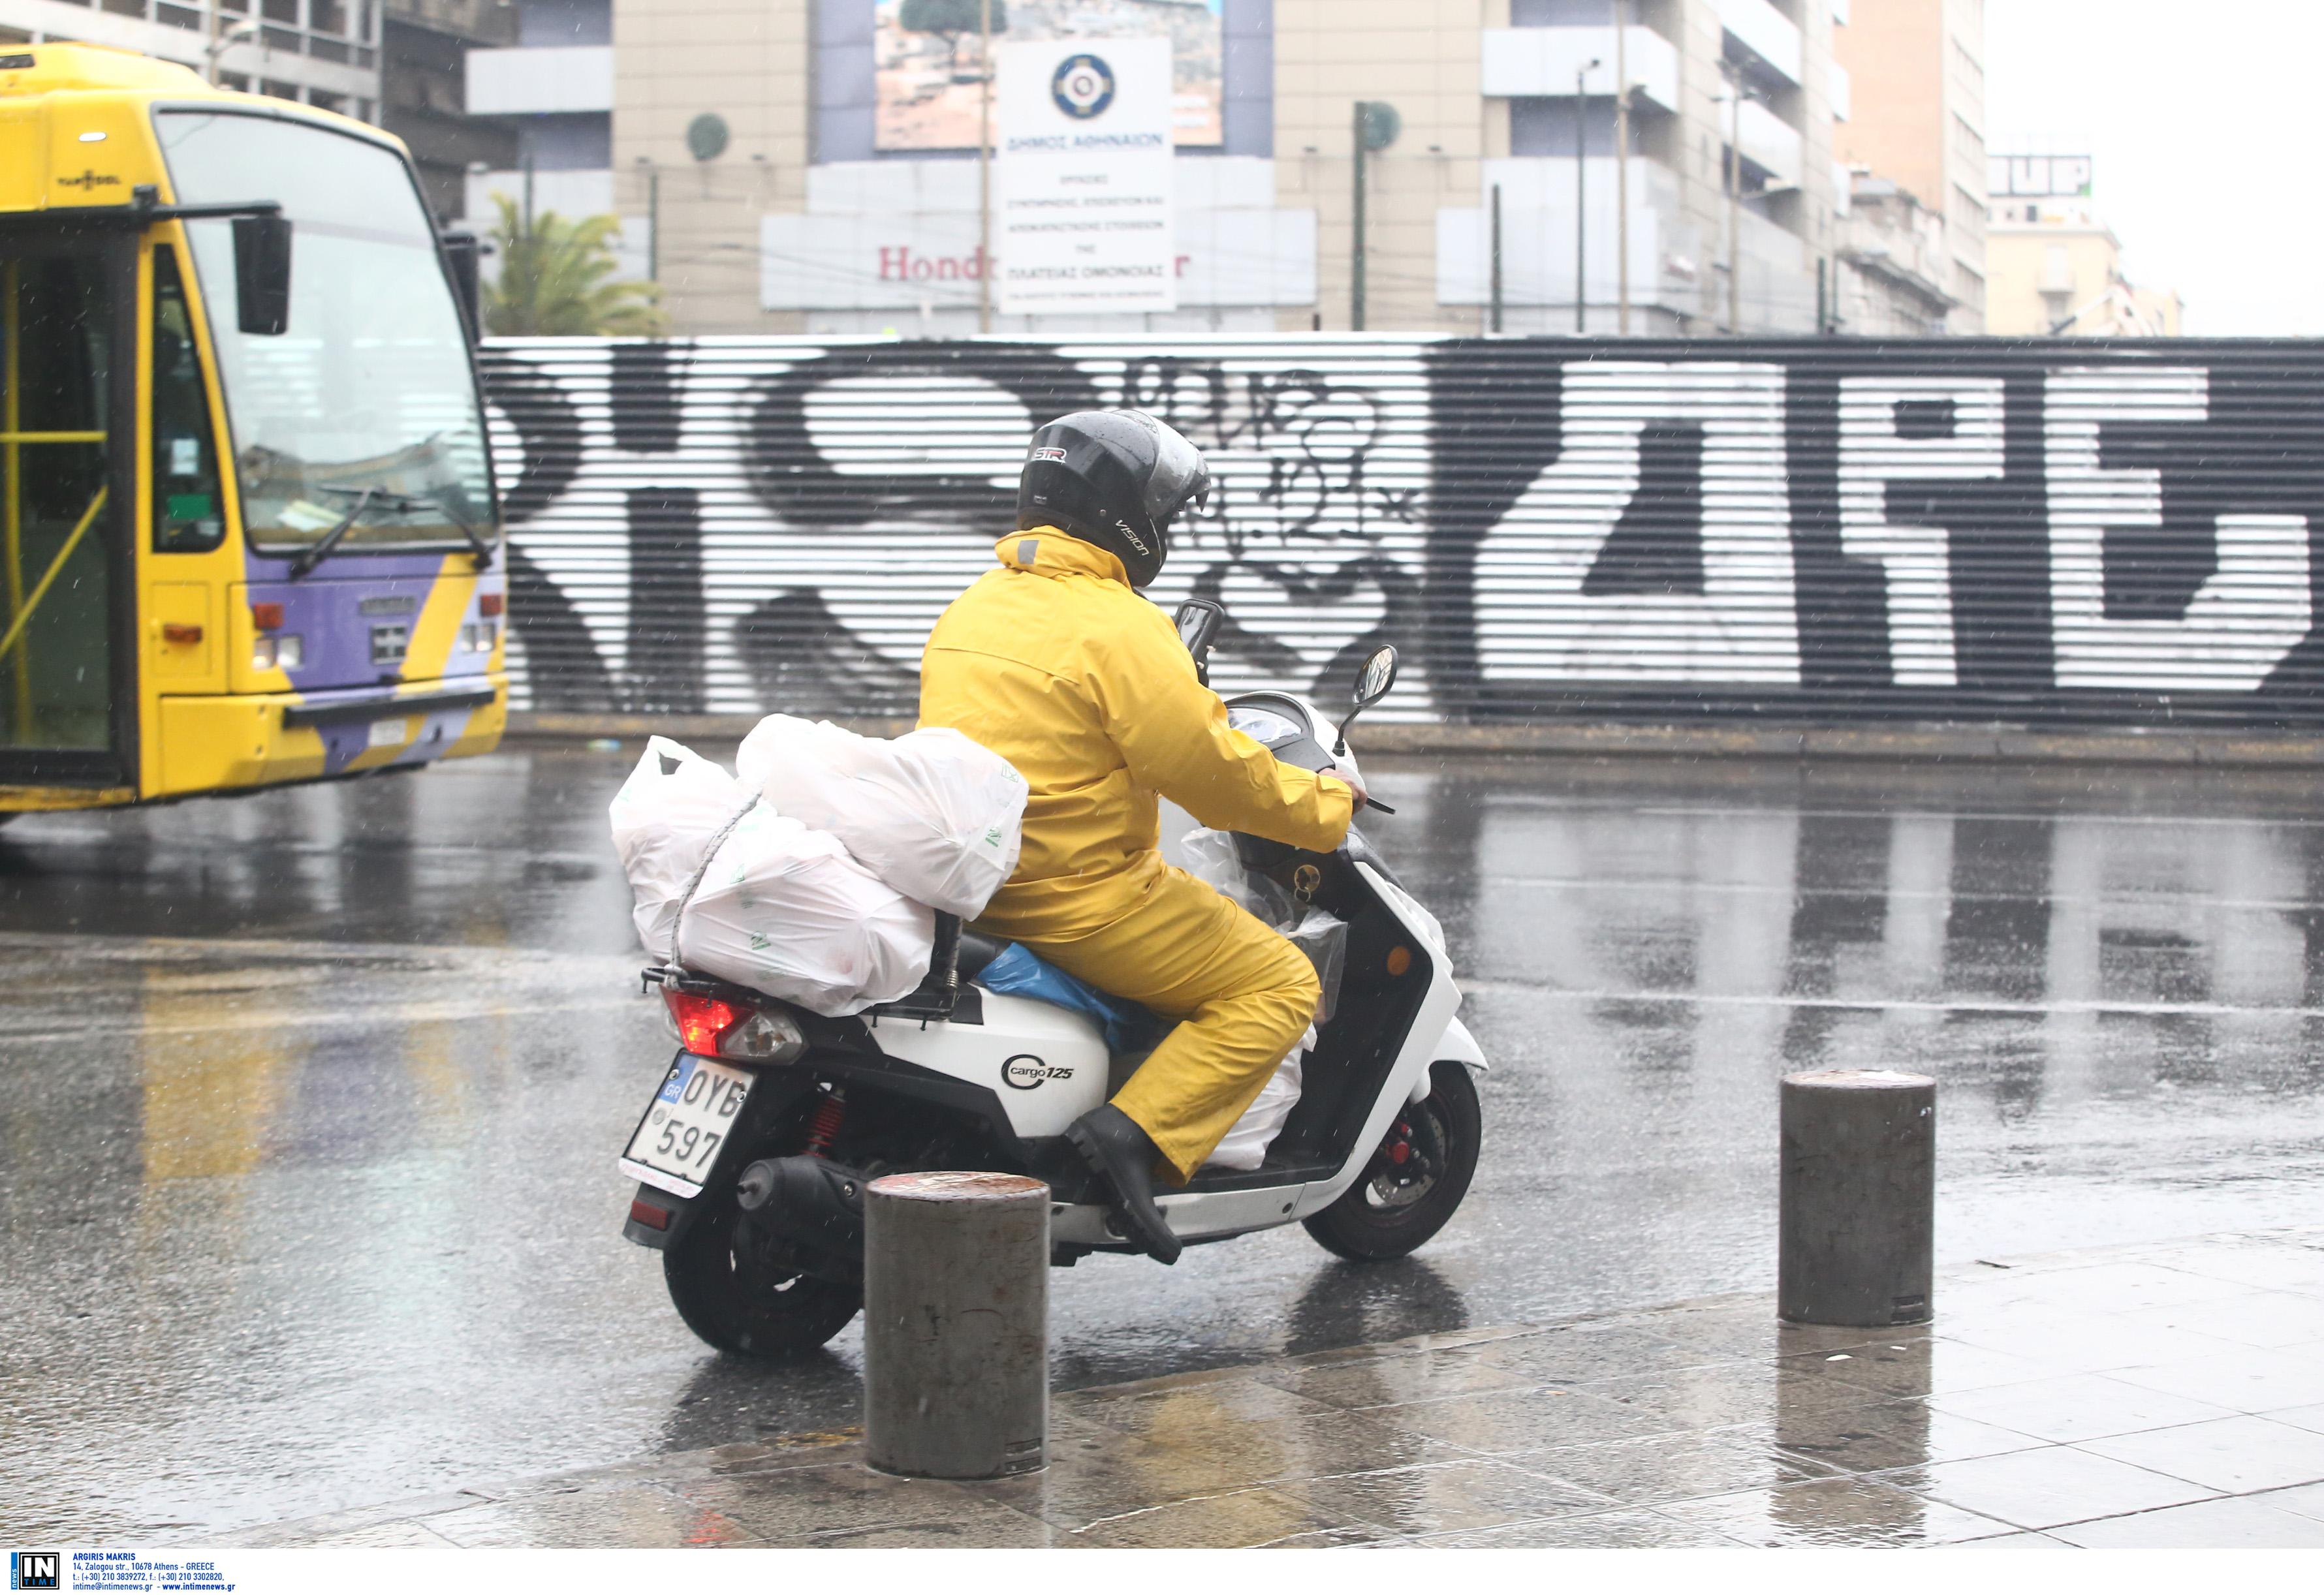 Αλλάζει το σκηνικό του καιρού σήμερα! Καταιγίδες και κρύο σε πολλές περιοχές